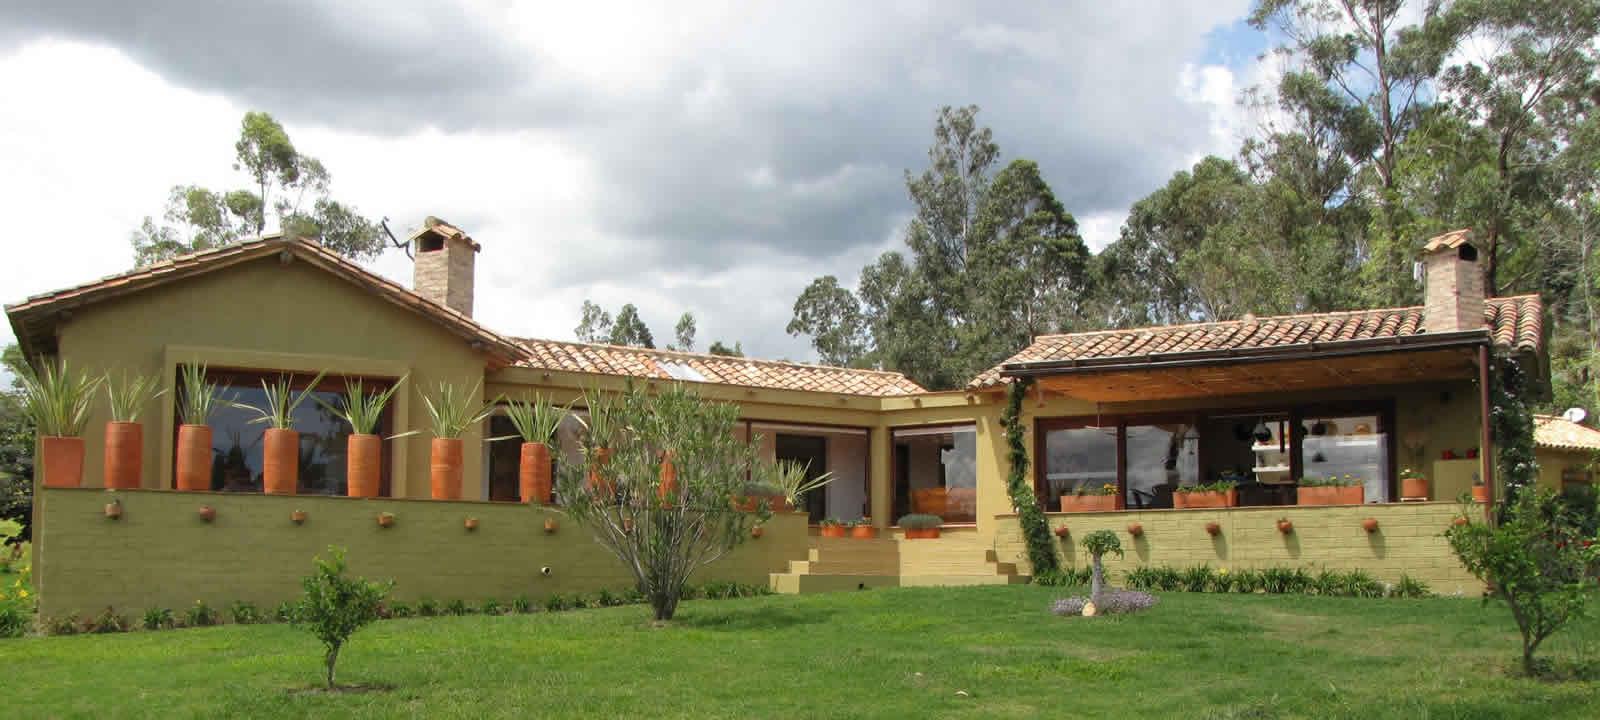 Fachada casa del viento en Villa de Leyva